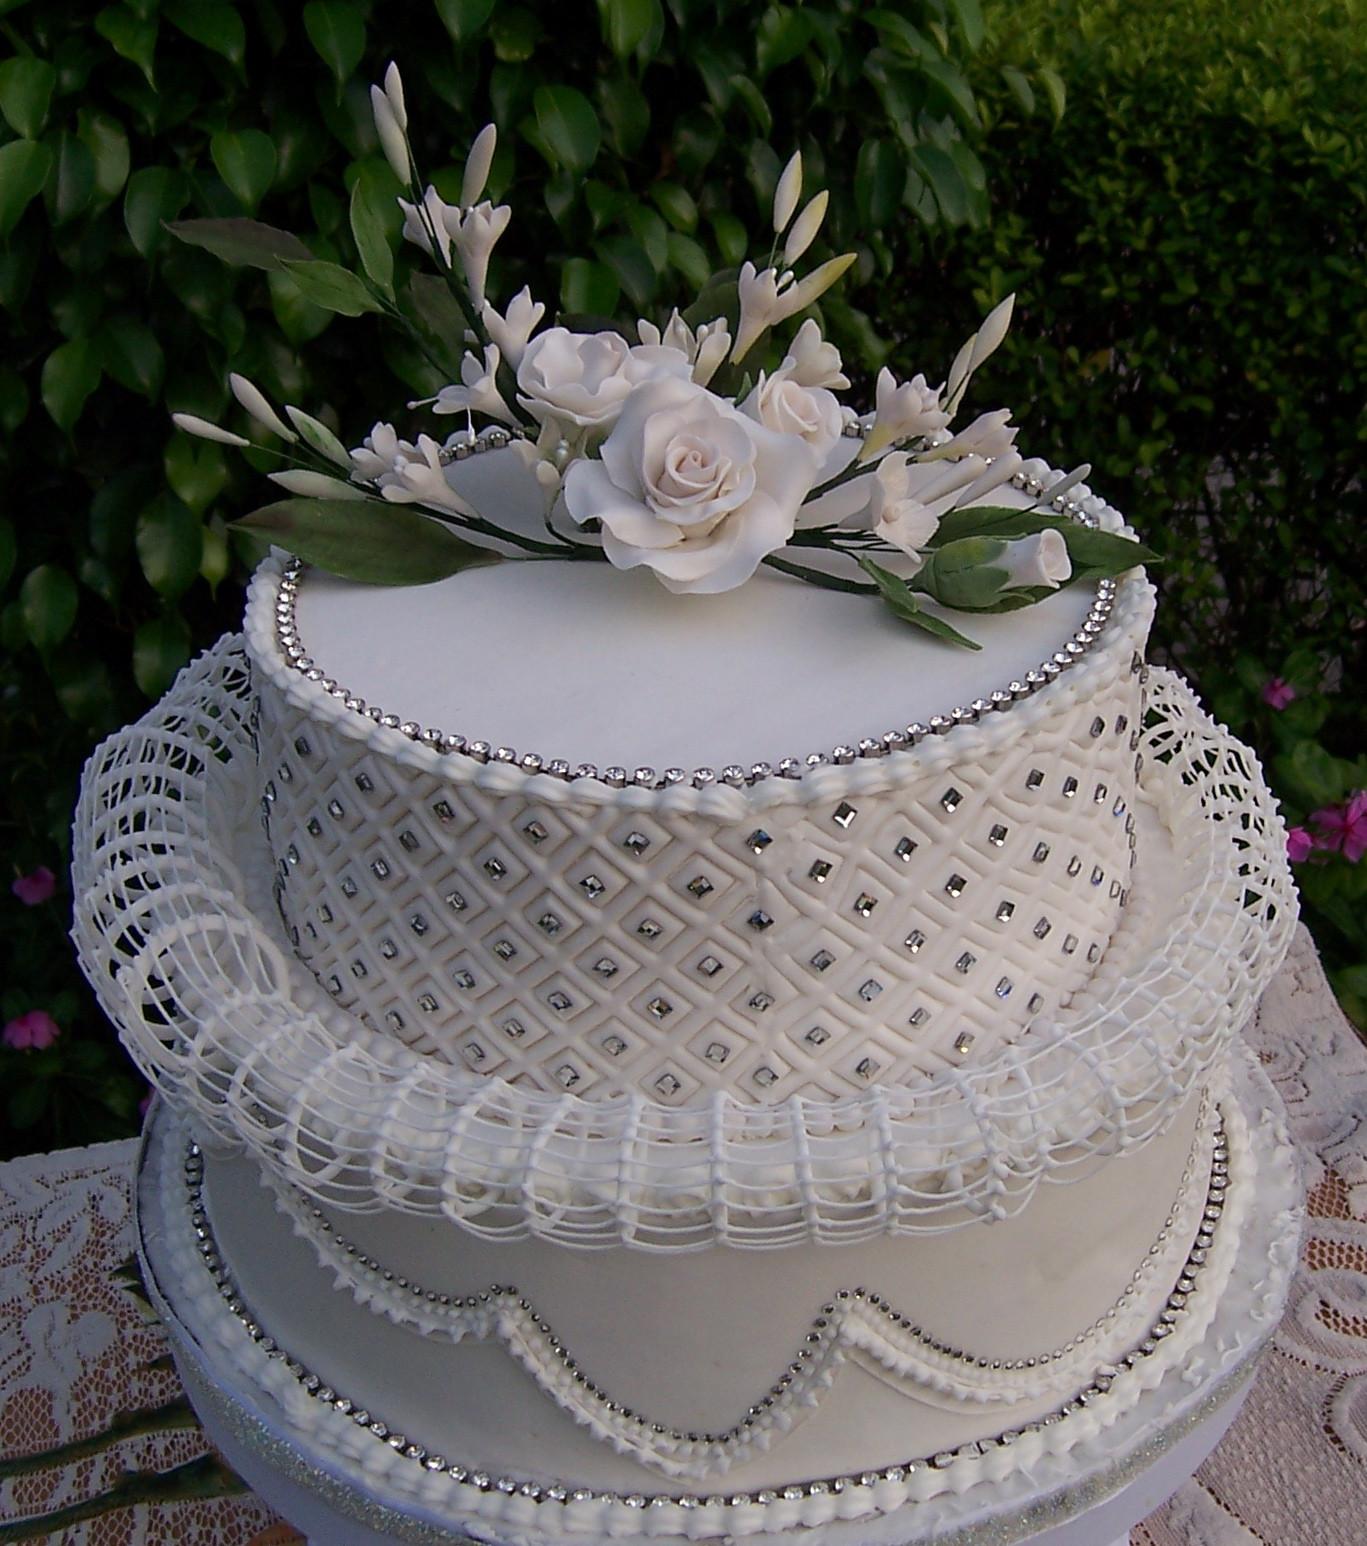 Sugarcraft Flowers Wedding Cakes  Royal Icing